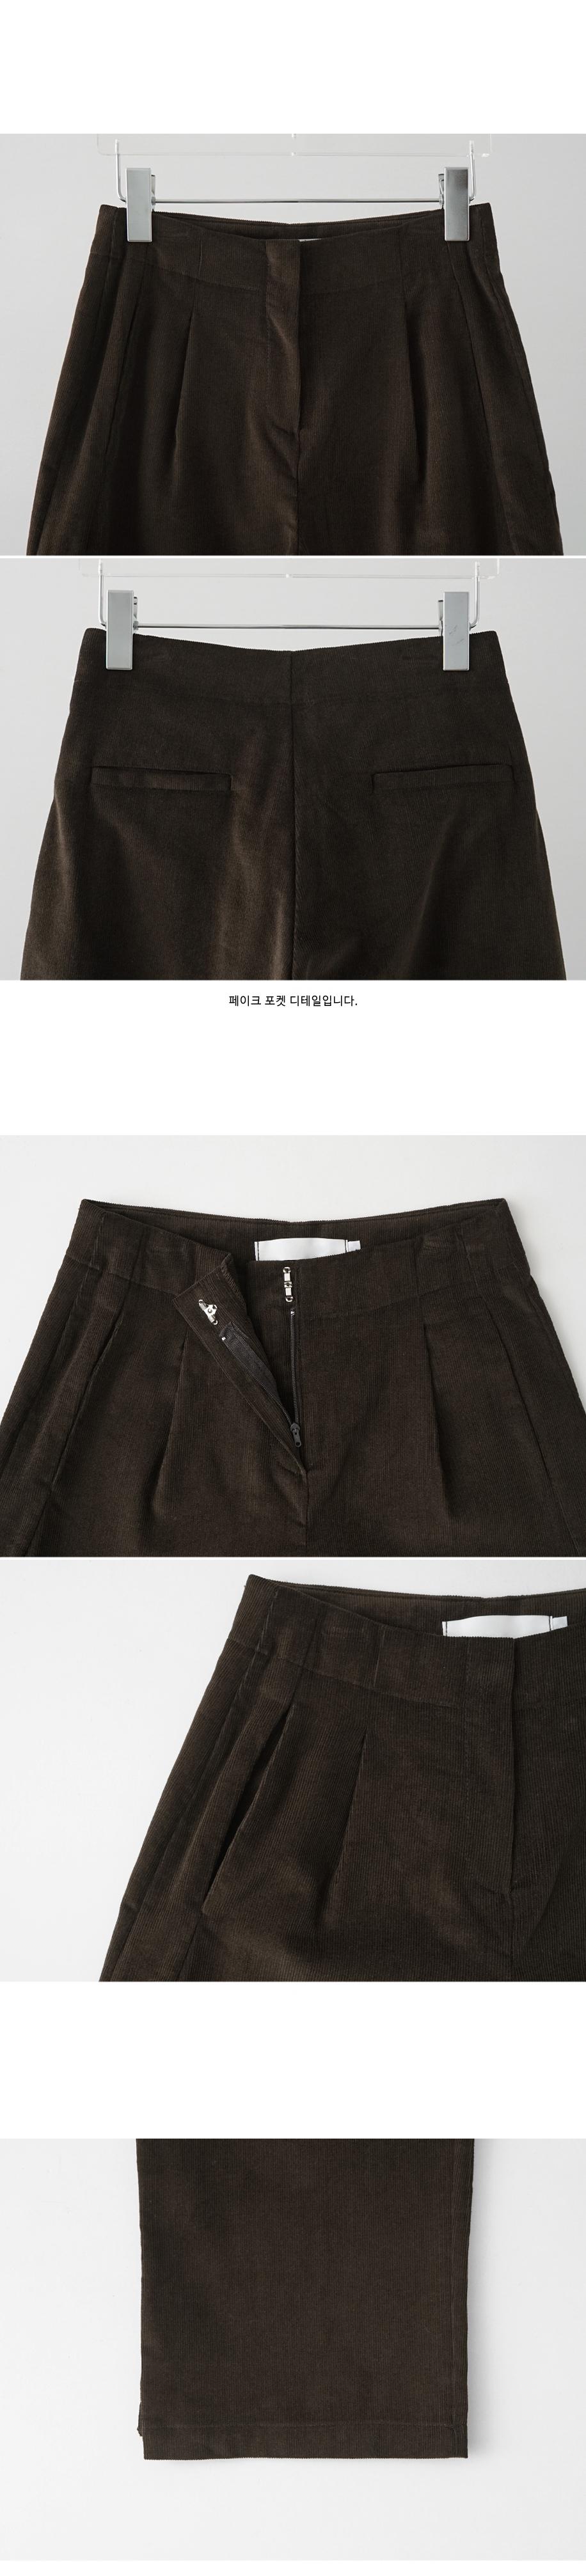 pintuck corduroy straight pants